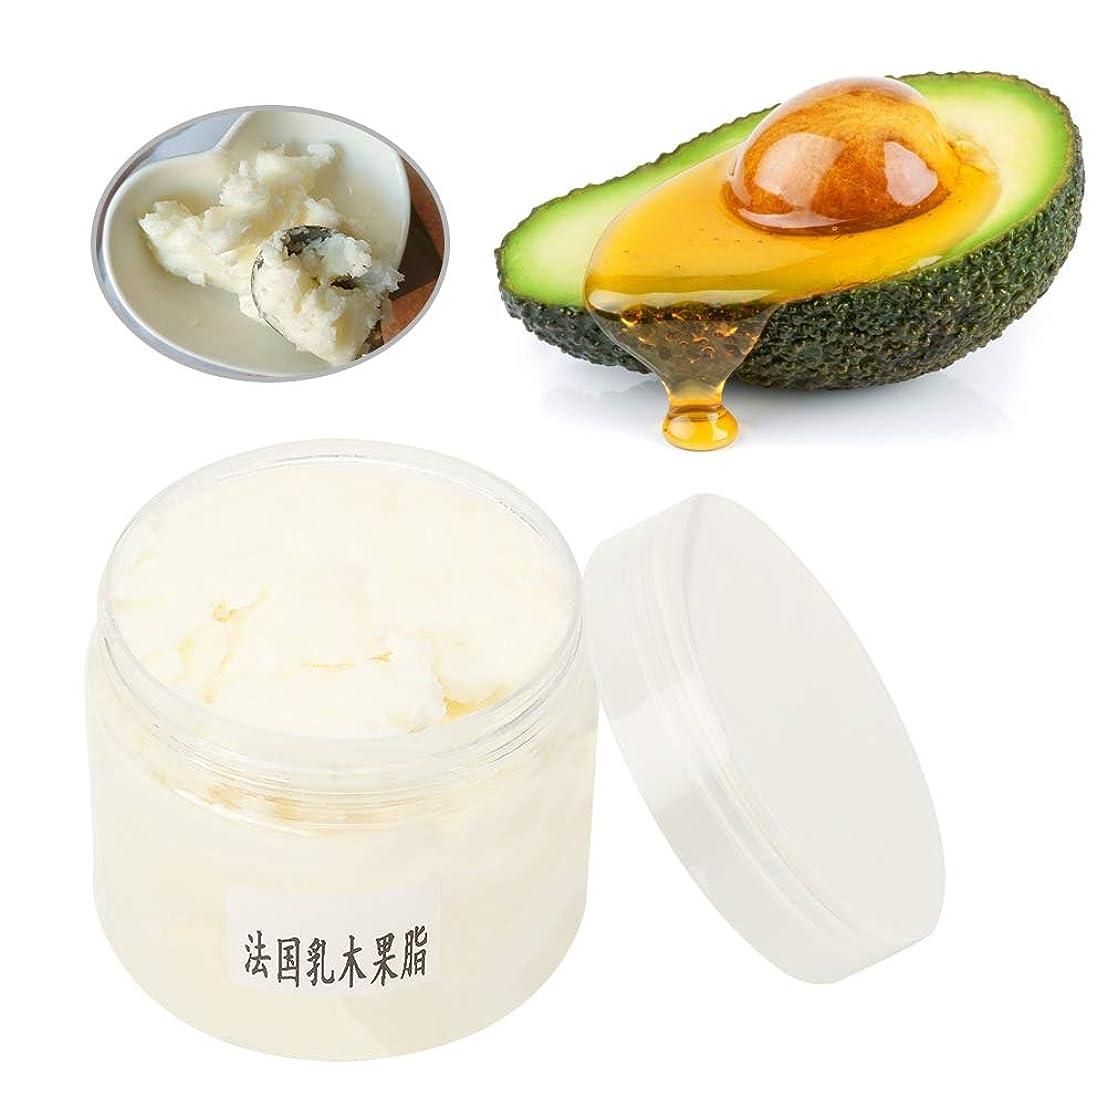 相談冊子味シアバター 精製 オーガニック 100g 手作り化粧品原料